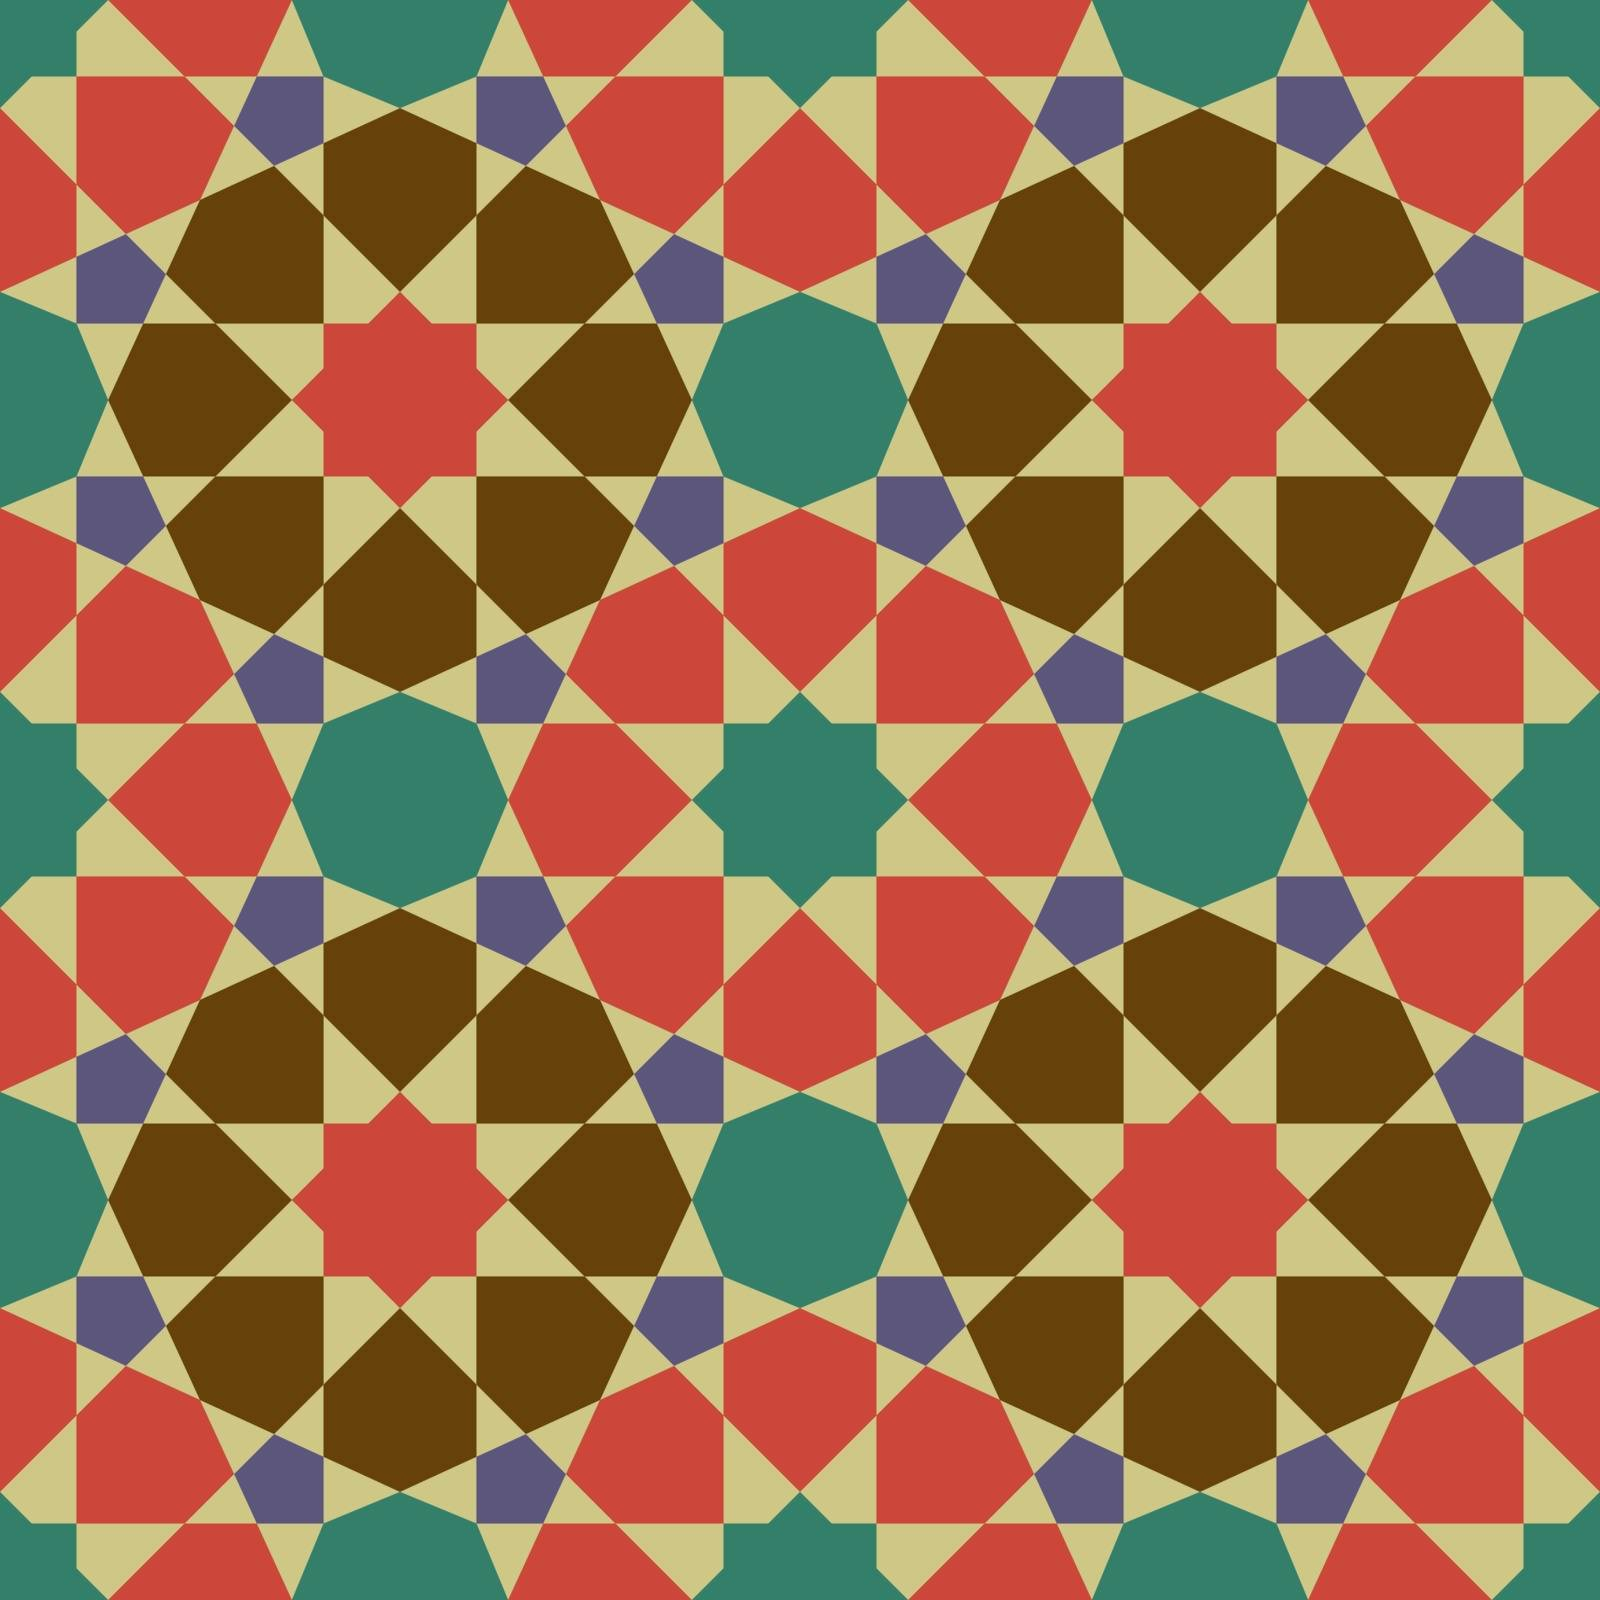 Vintage tile in illustration vector